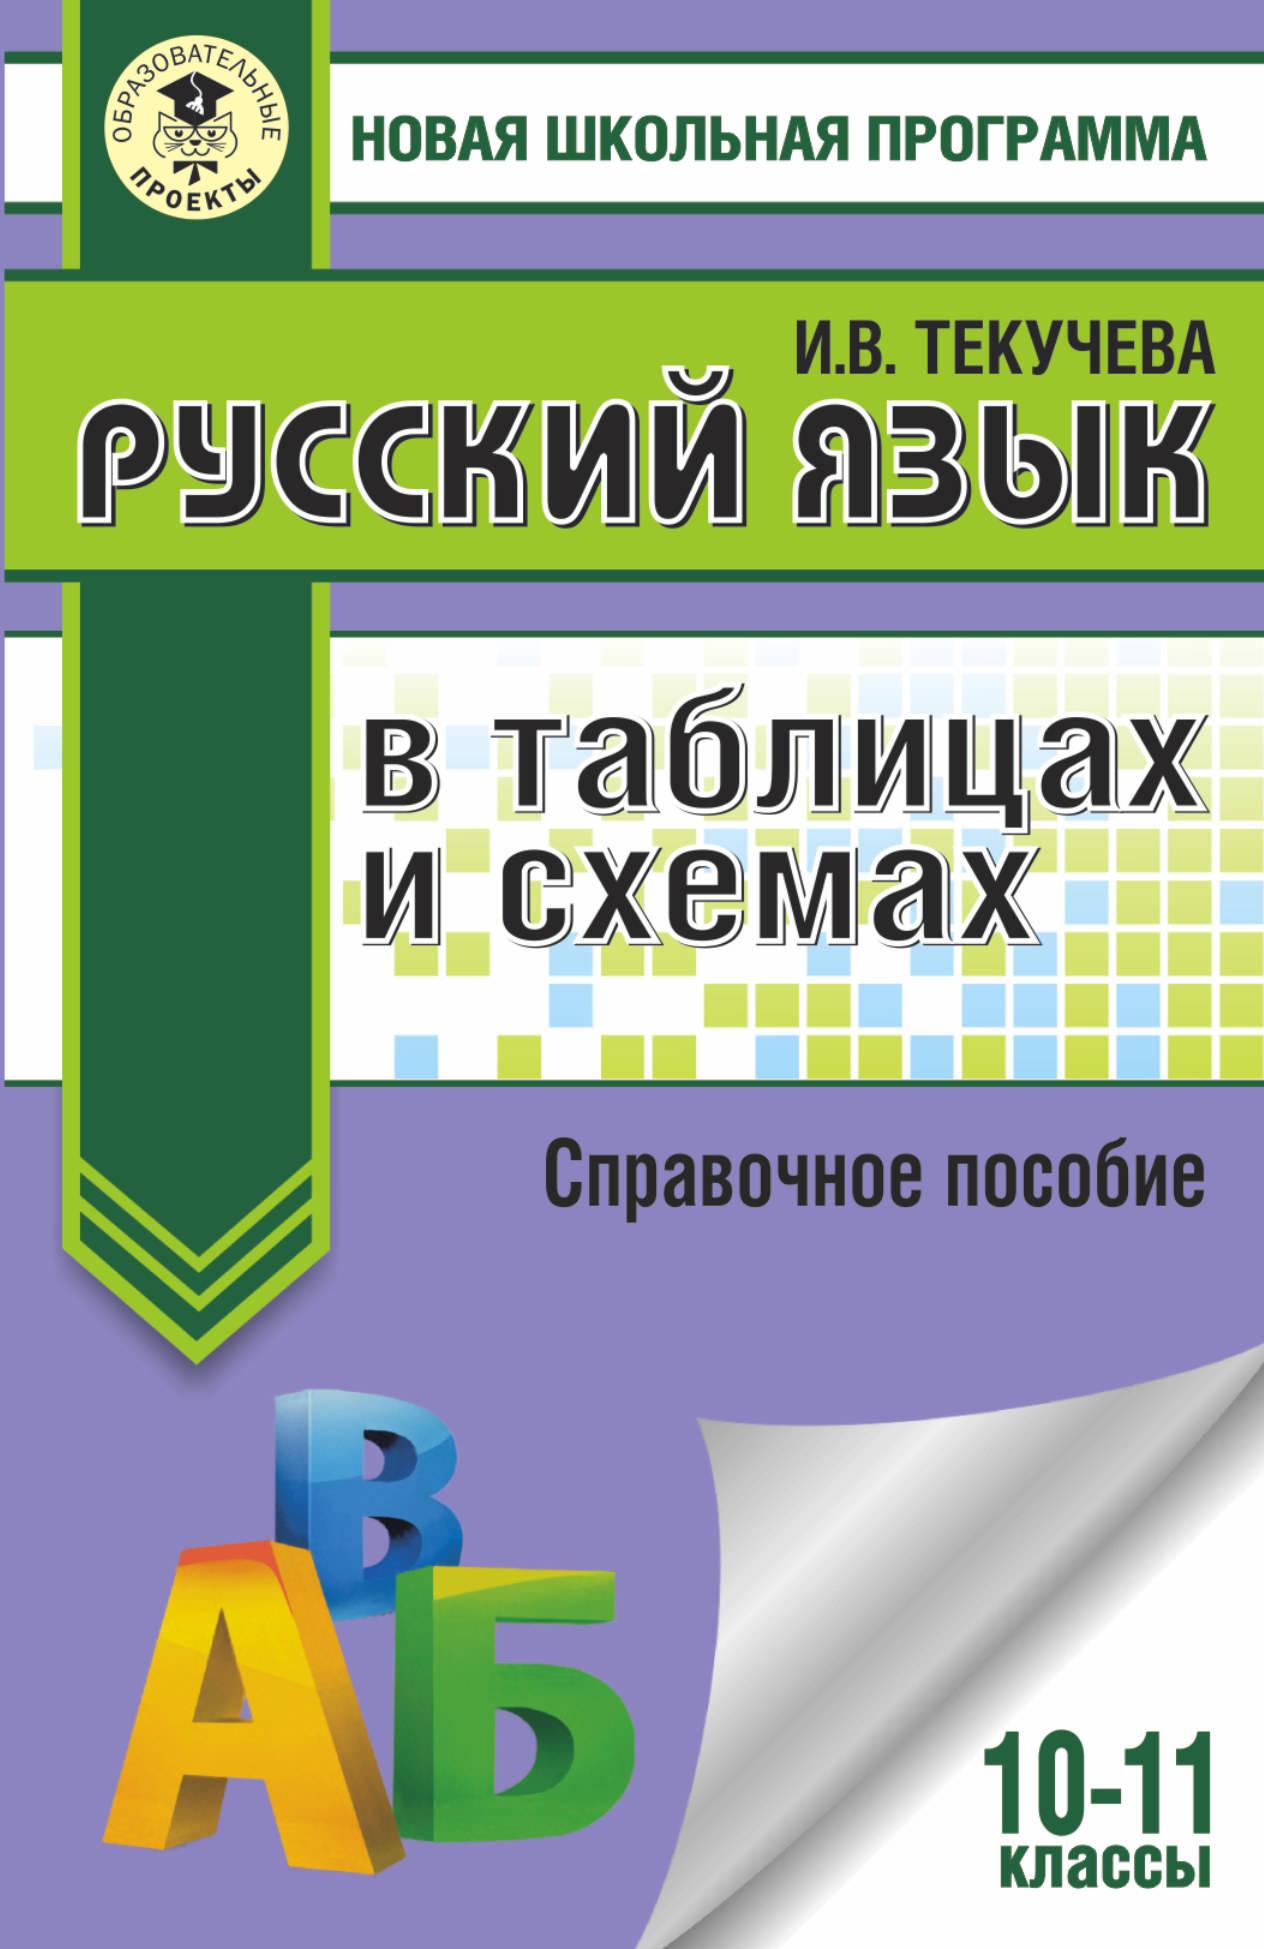 Текучева И.В. Русский язык в таблицах и схемах. Справочное пособие. 10-11 классы